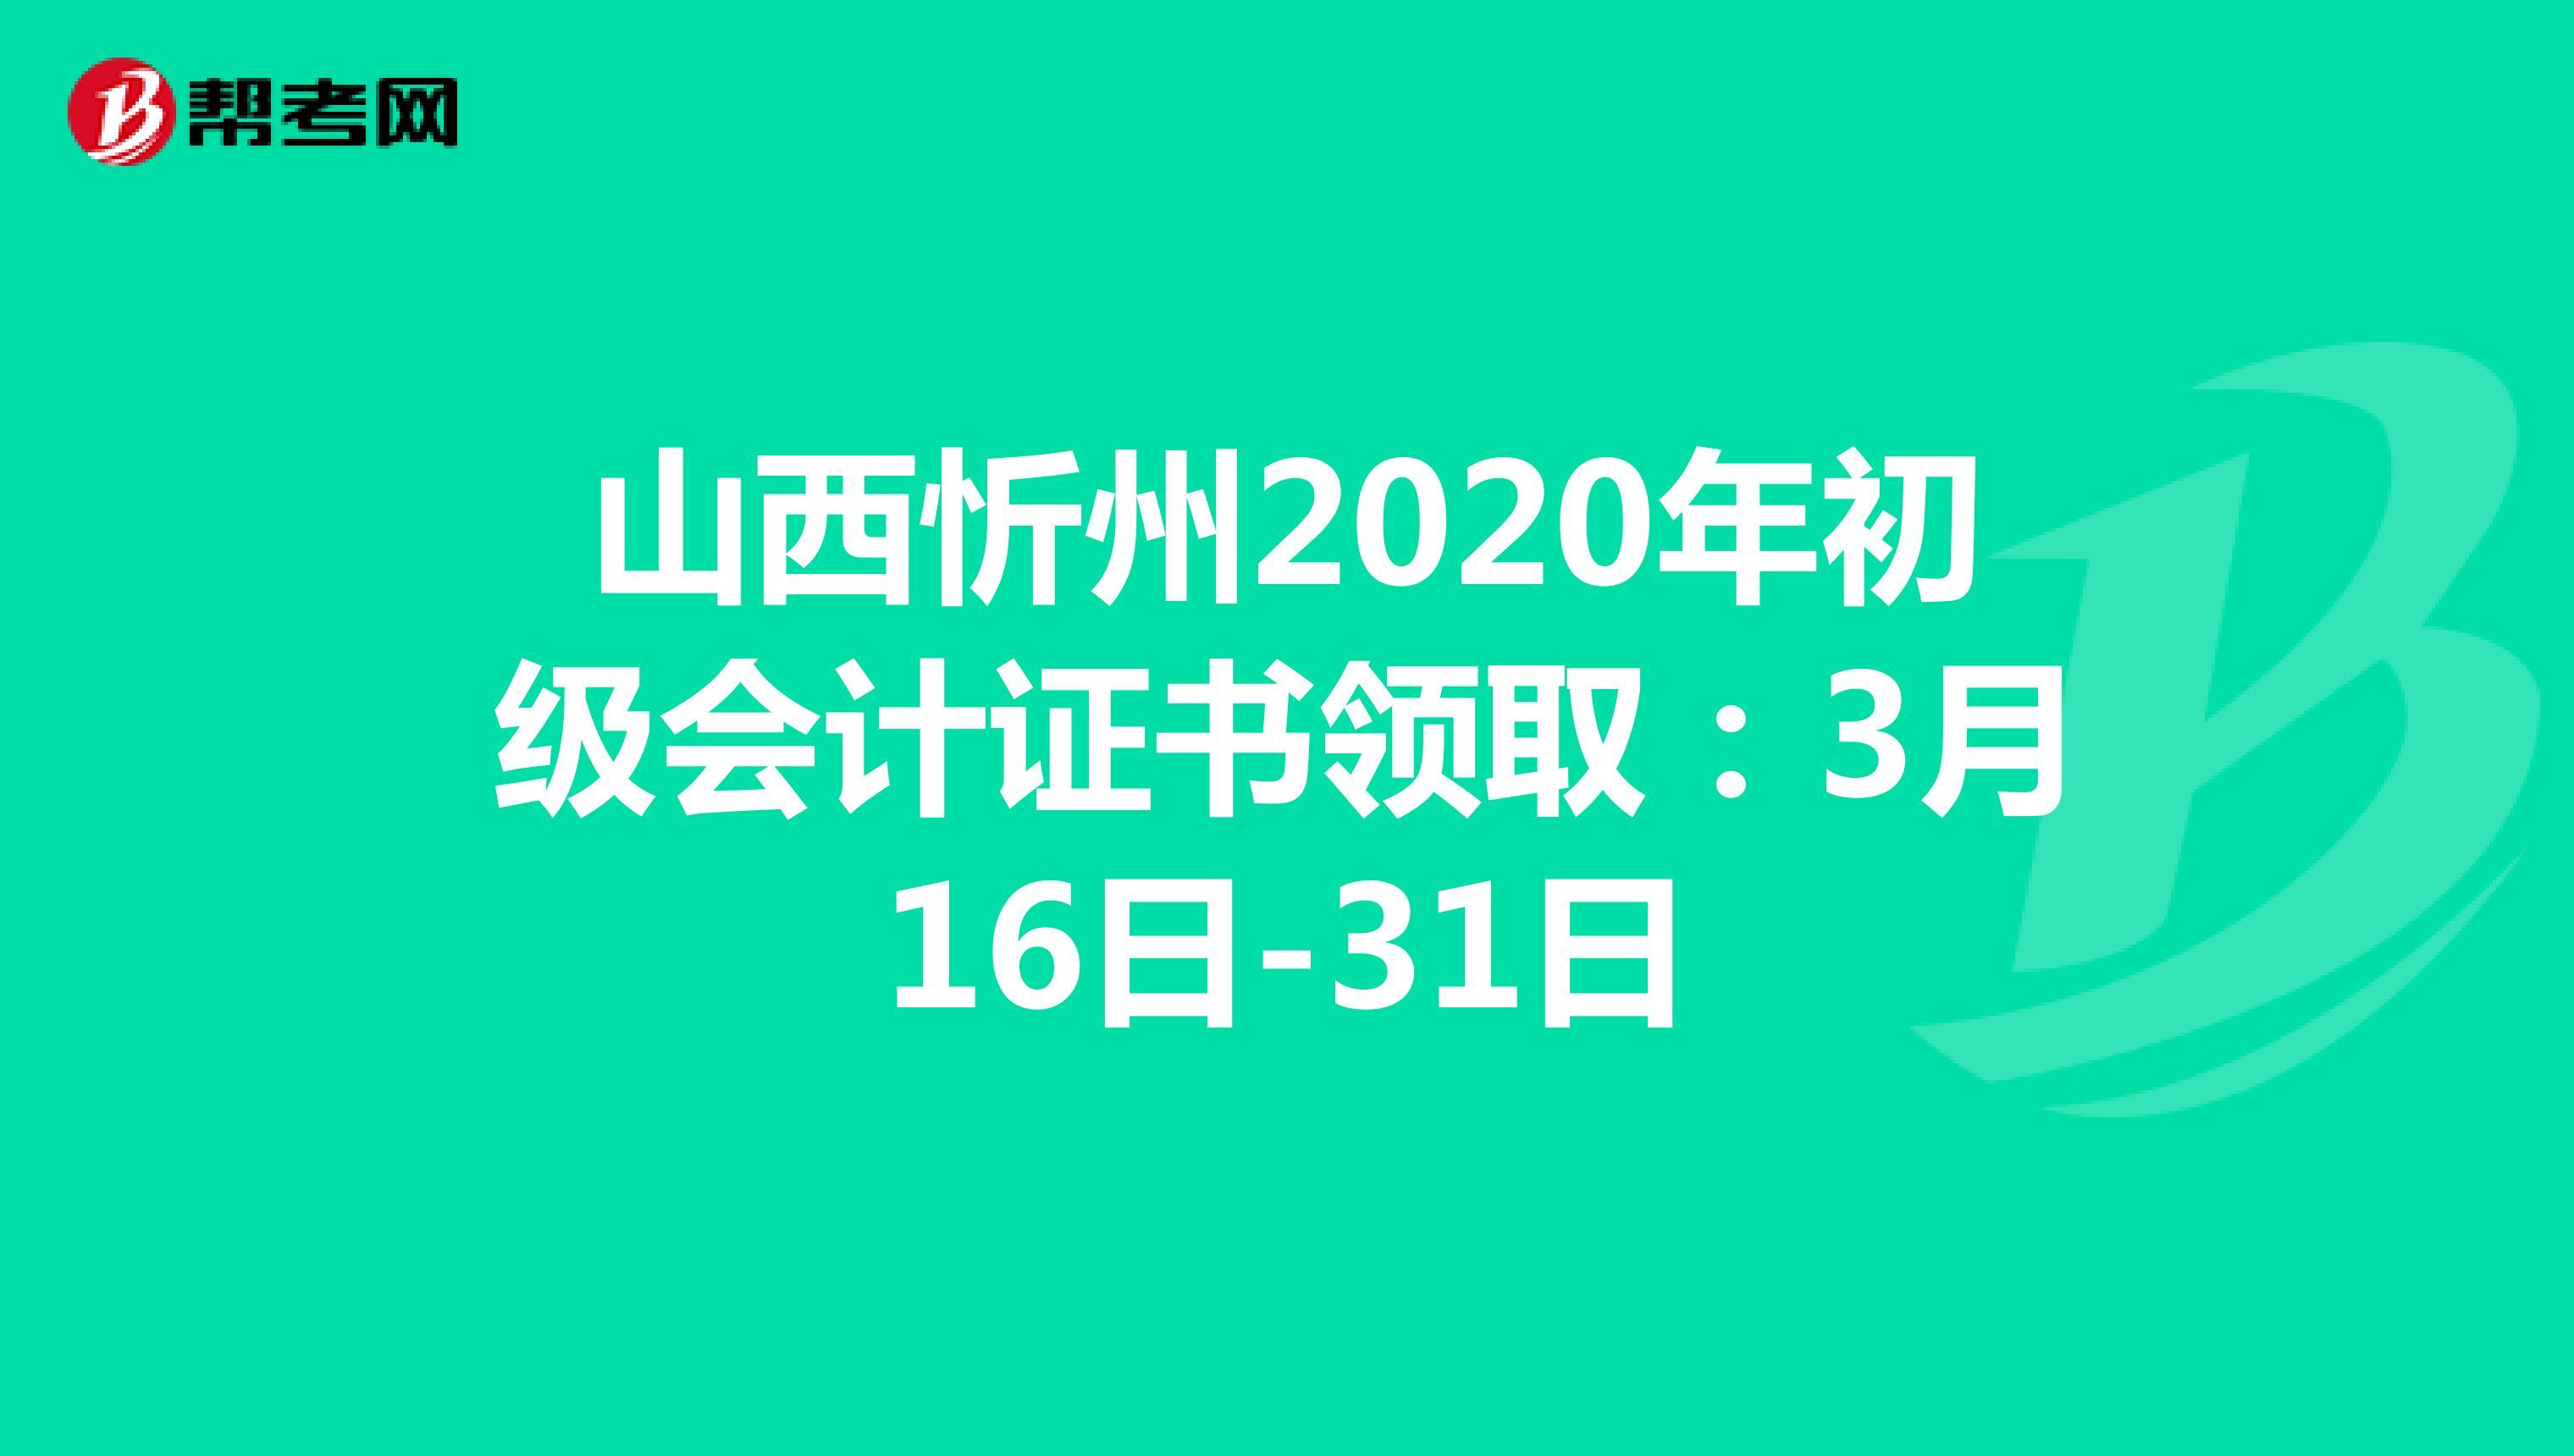 山西忻州2020年初级会计证书领取:3月16日-31日